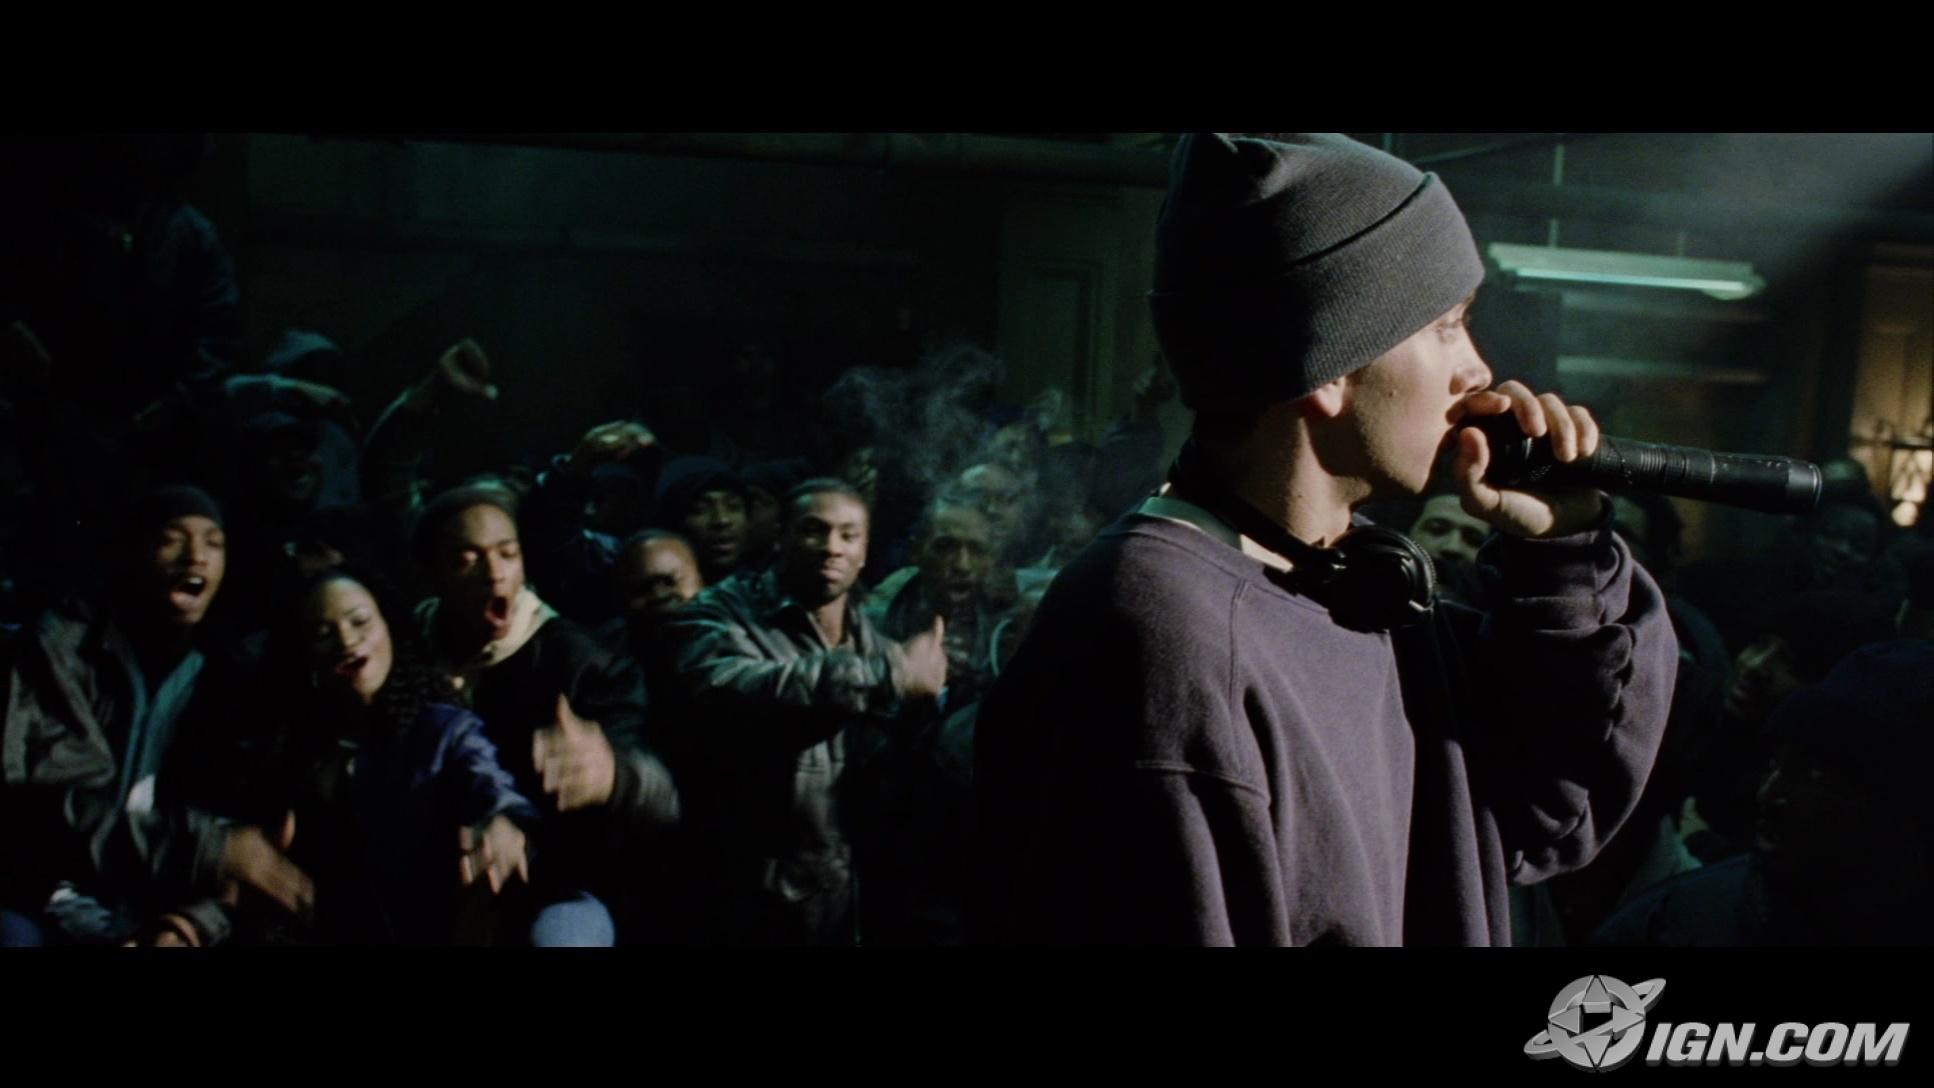 27 Eminem 8 Mile Wallpaper Hd On Wallpapersafari